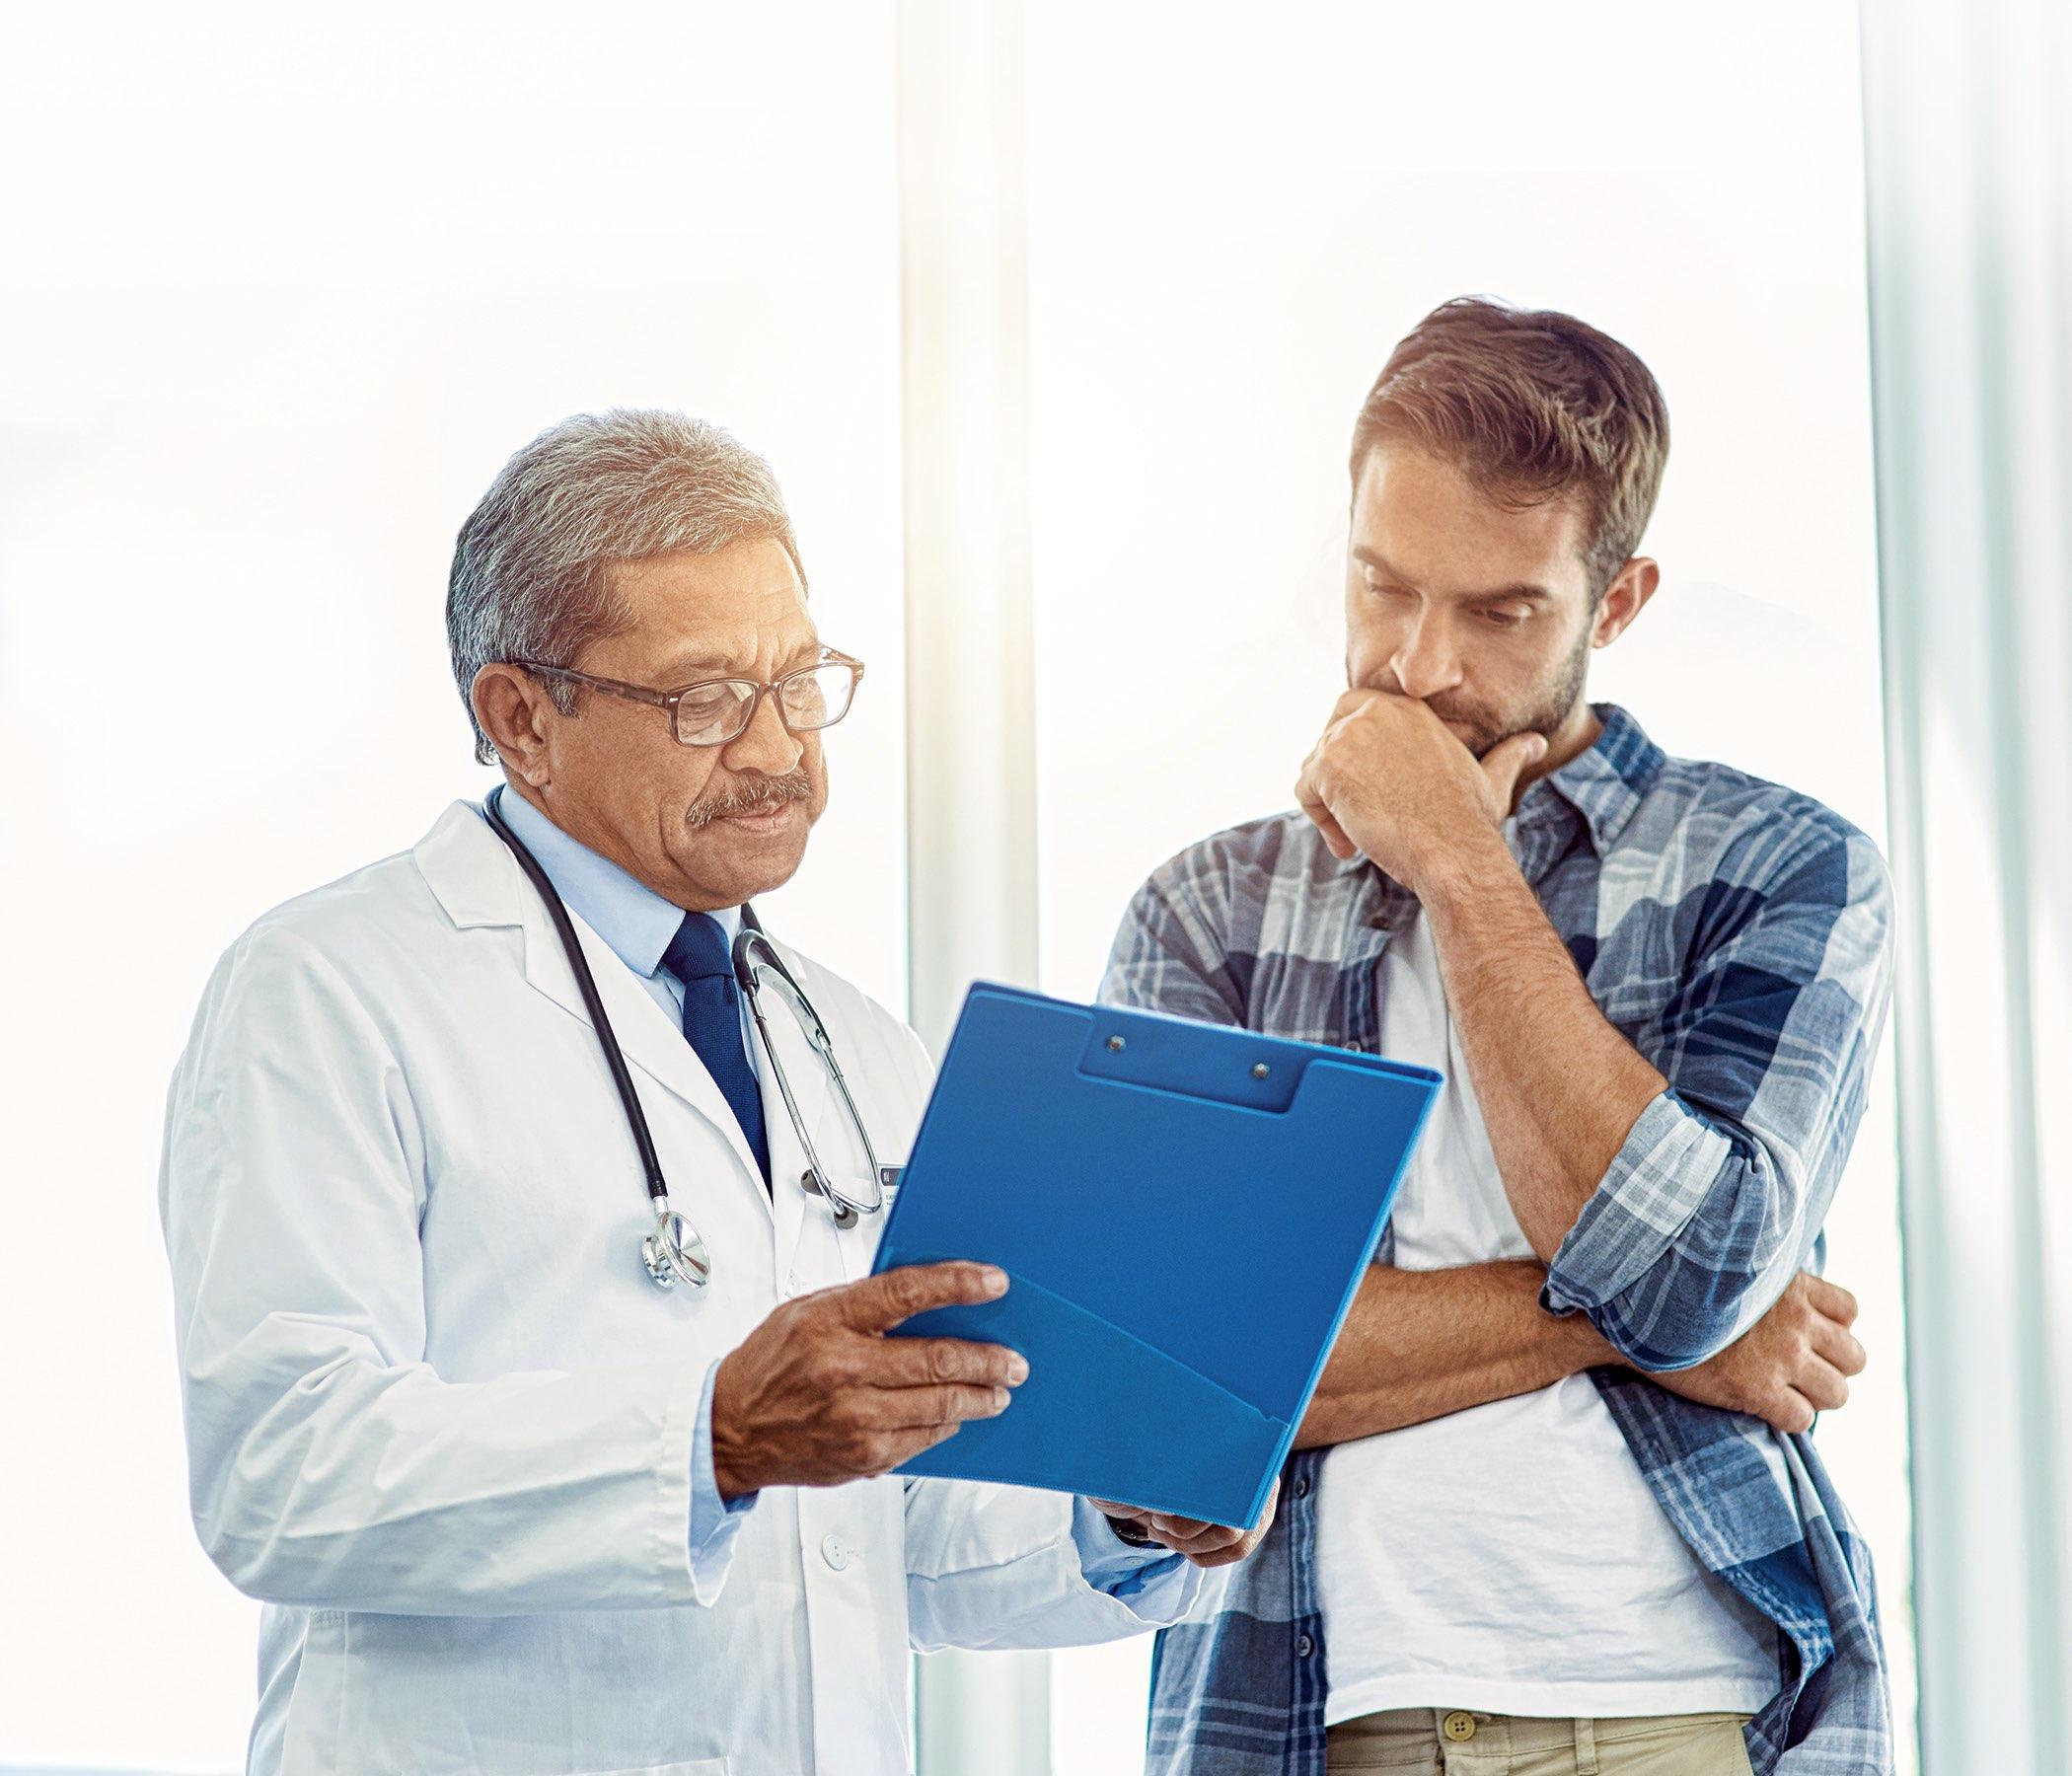 doctor masculino maduro que demuestra resultados de la prueba a un paciente dentro de un hospital durante el día